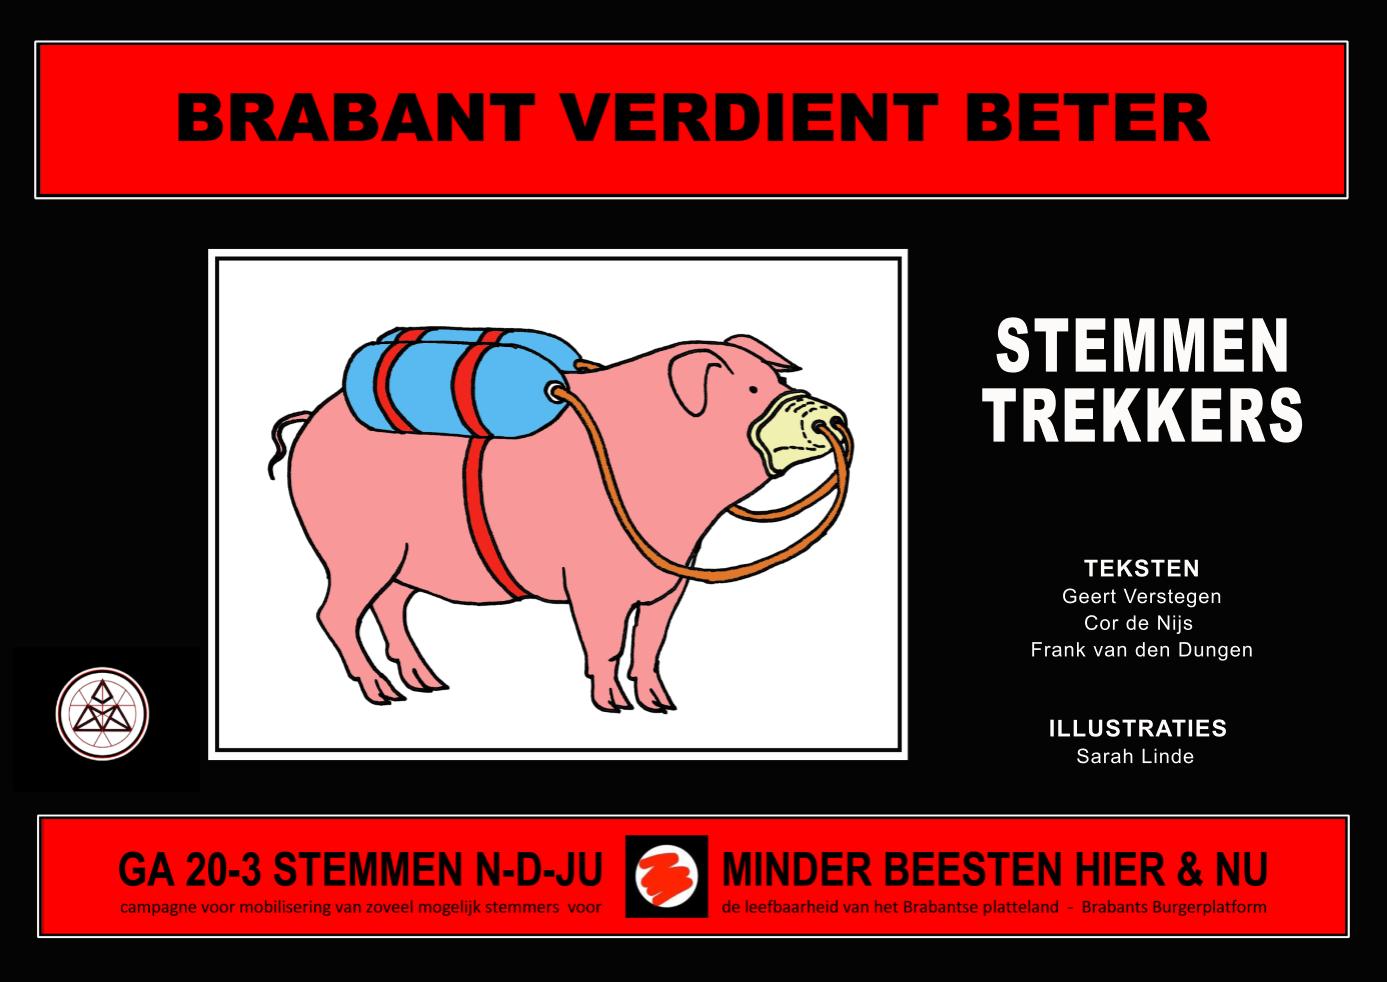 BRABANT VERDIENT BETER